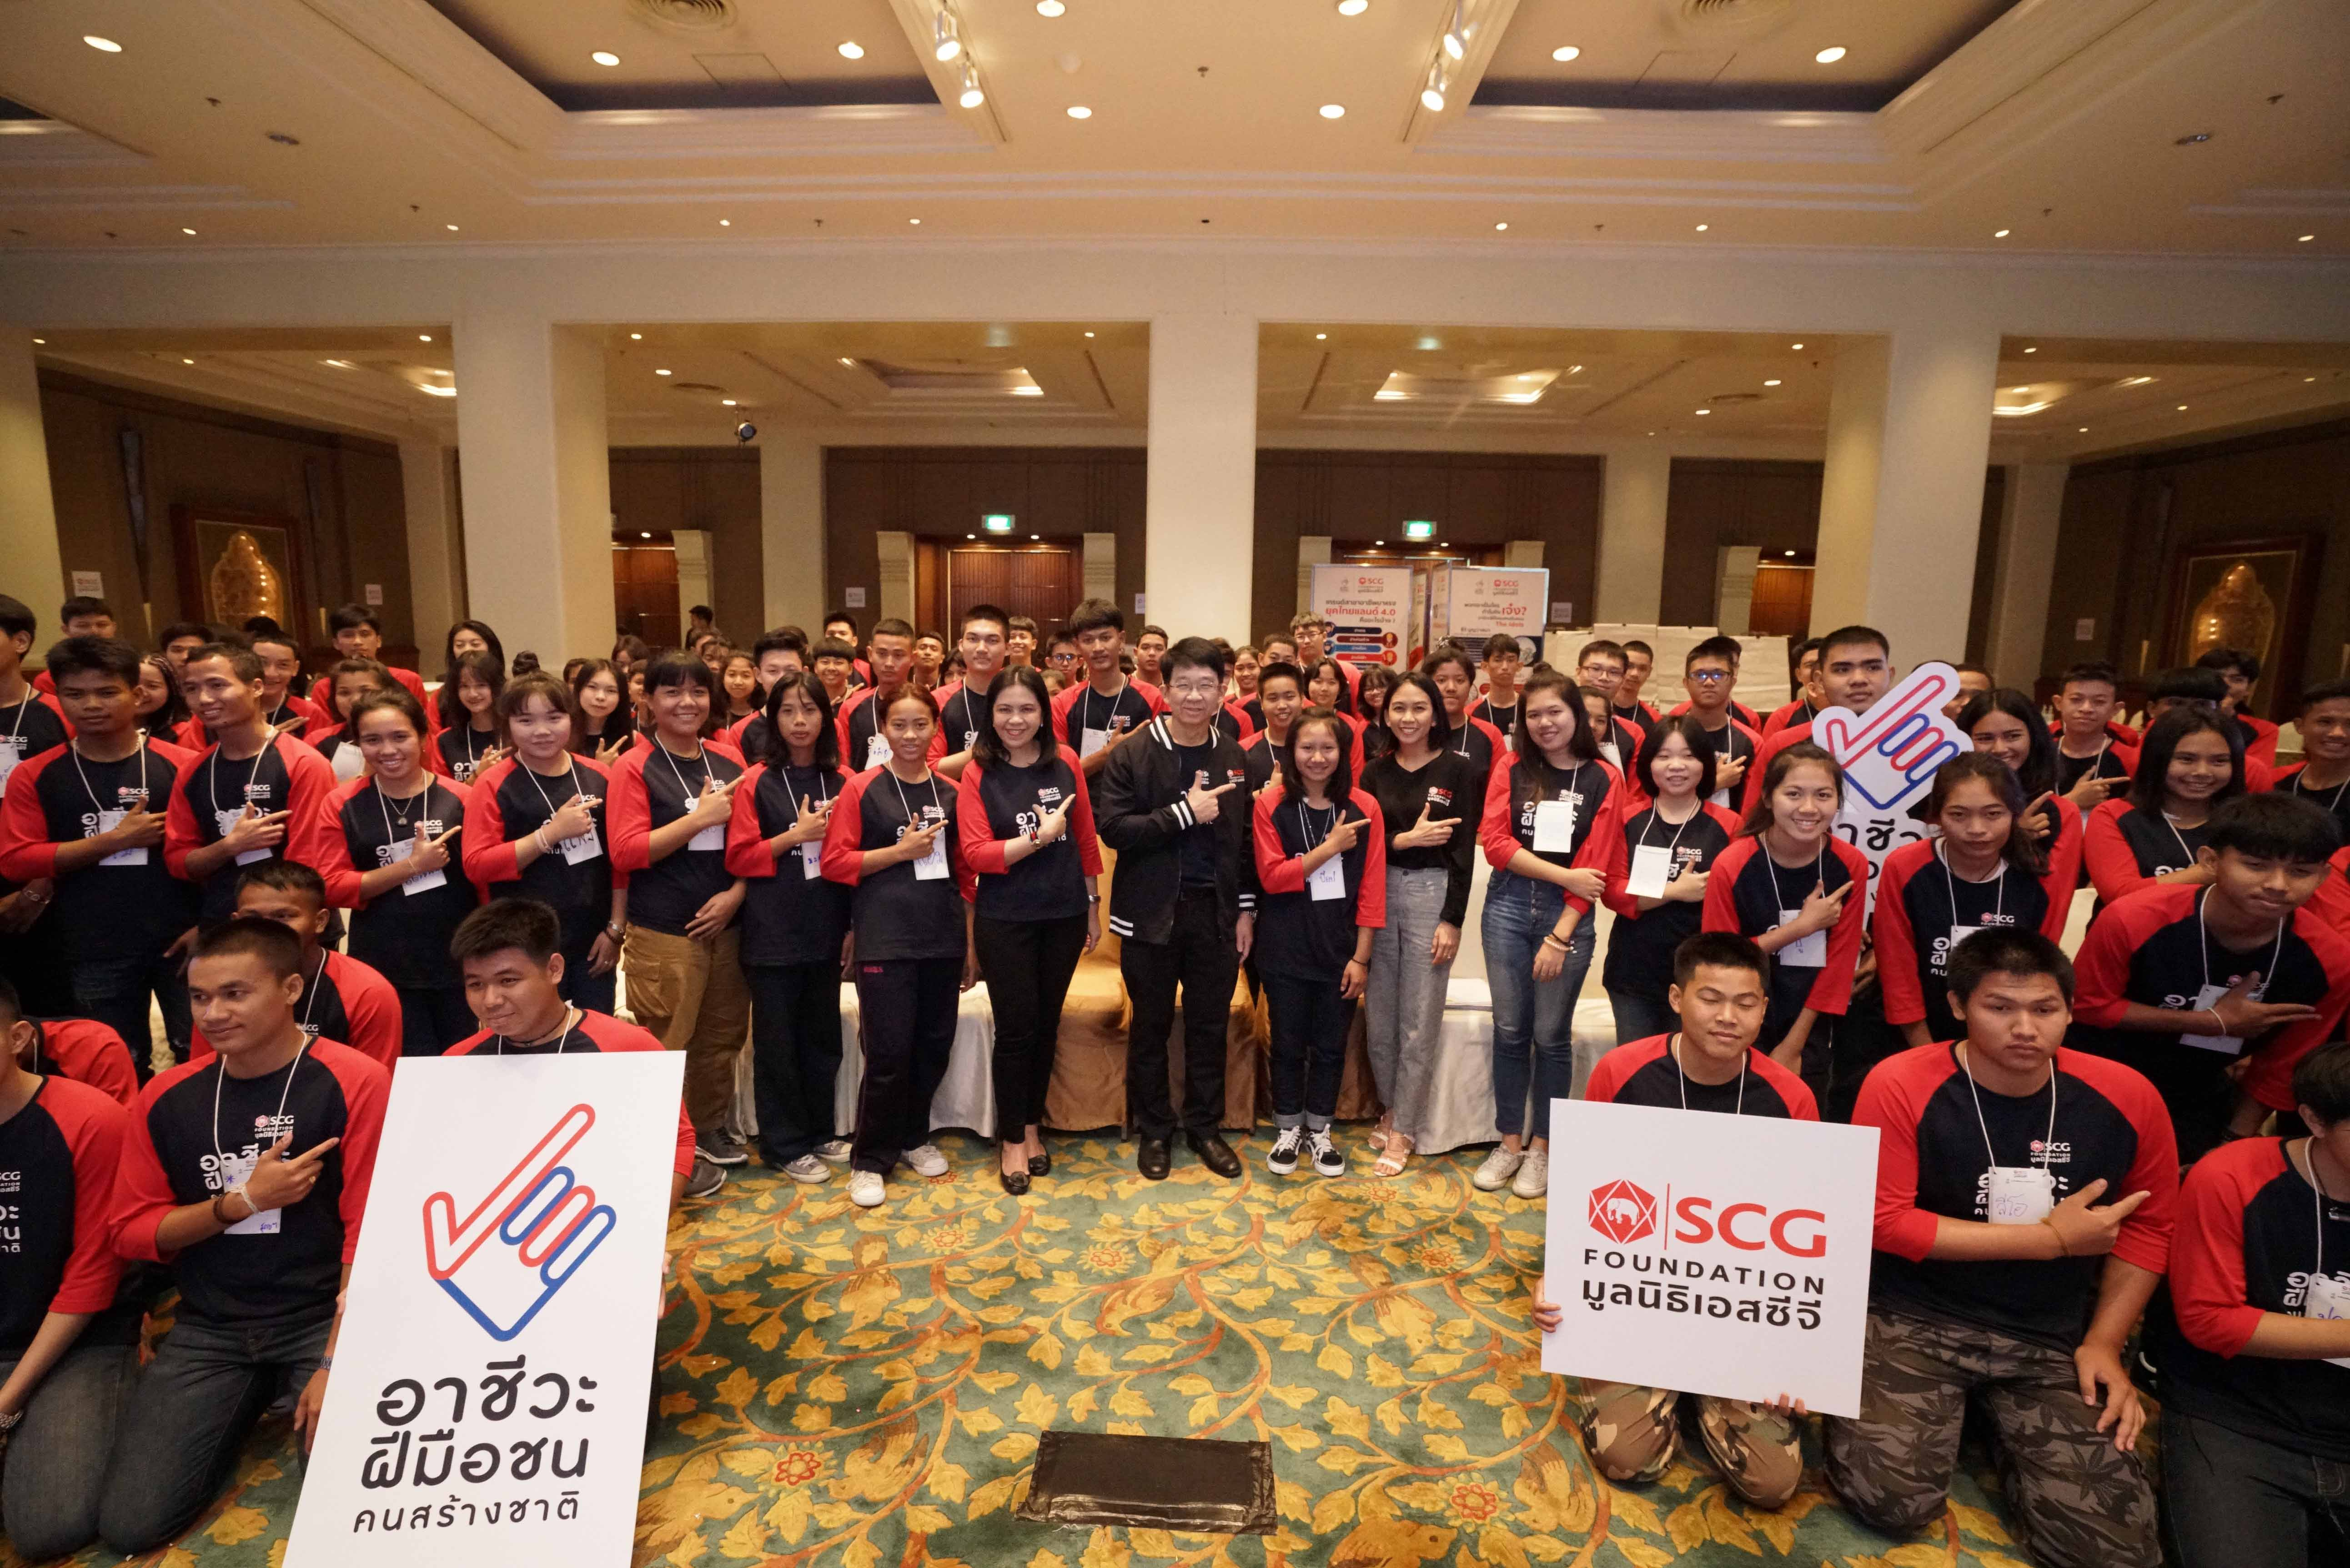 มูลนิธิเอสซีจีเพิ่มโอกาสแห่งการเรียนรู้นอกตำรา  เสริมแกร่งนักเรียนทุนอาชีวะฝีมือชน คนสร้างชาติ